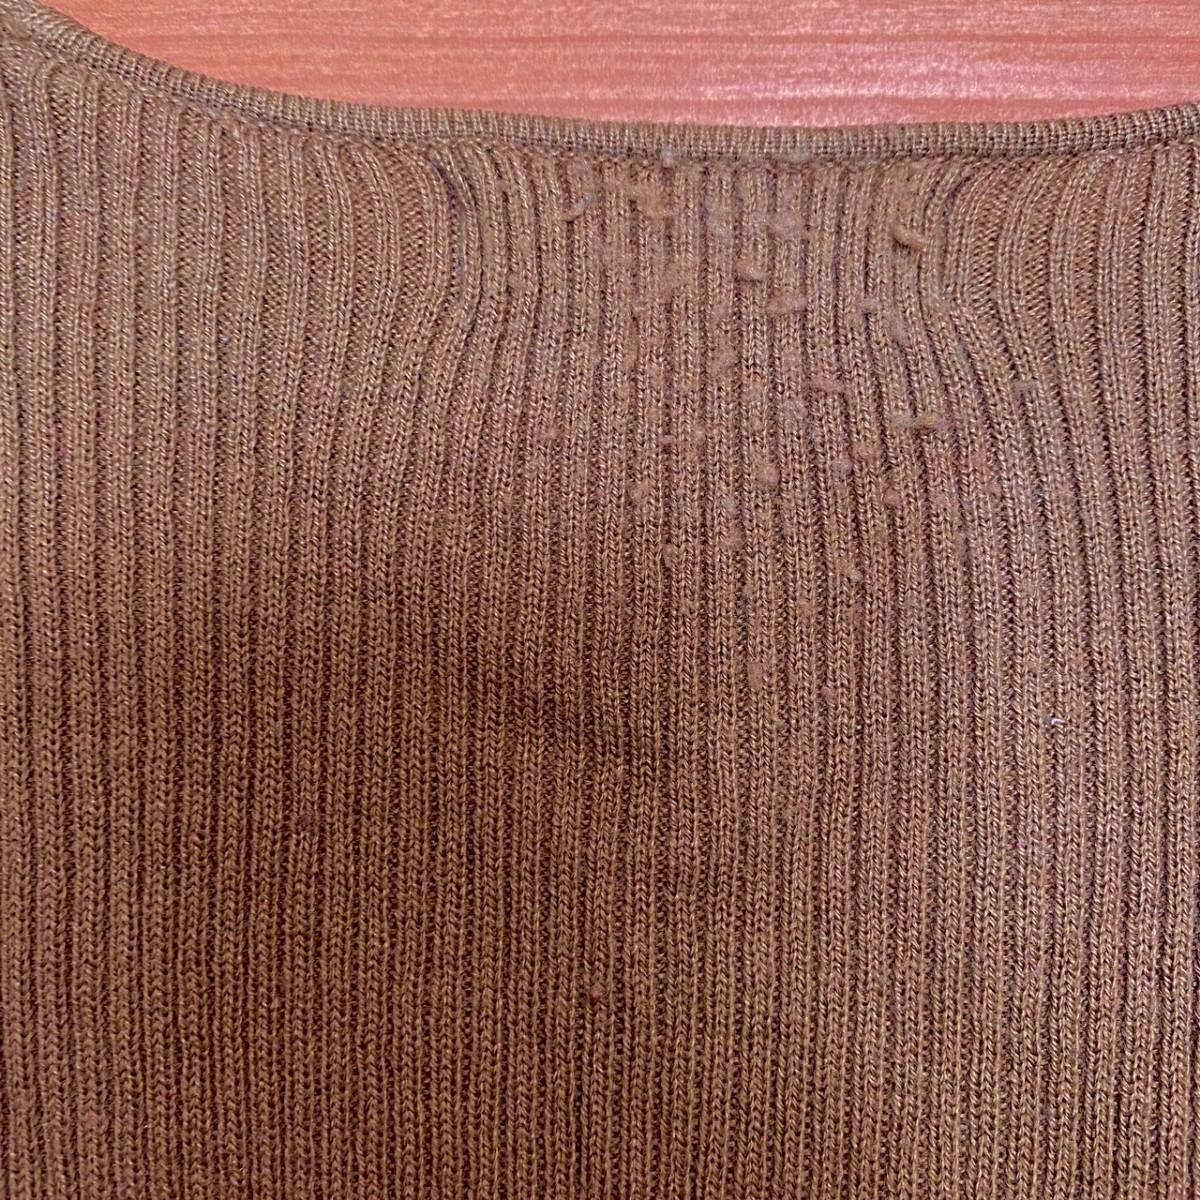 リブニット カットソー トップス 長袖 茶色 M レディース ブラウン 激安